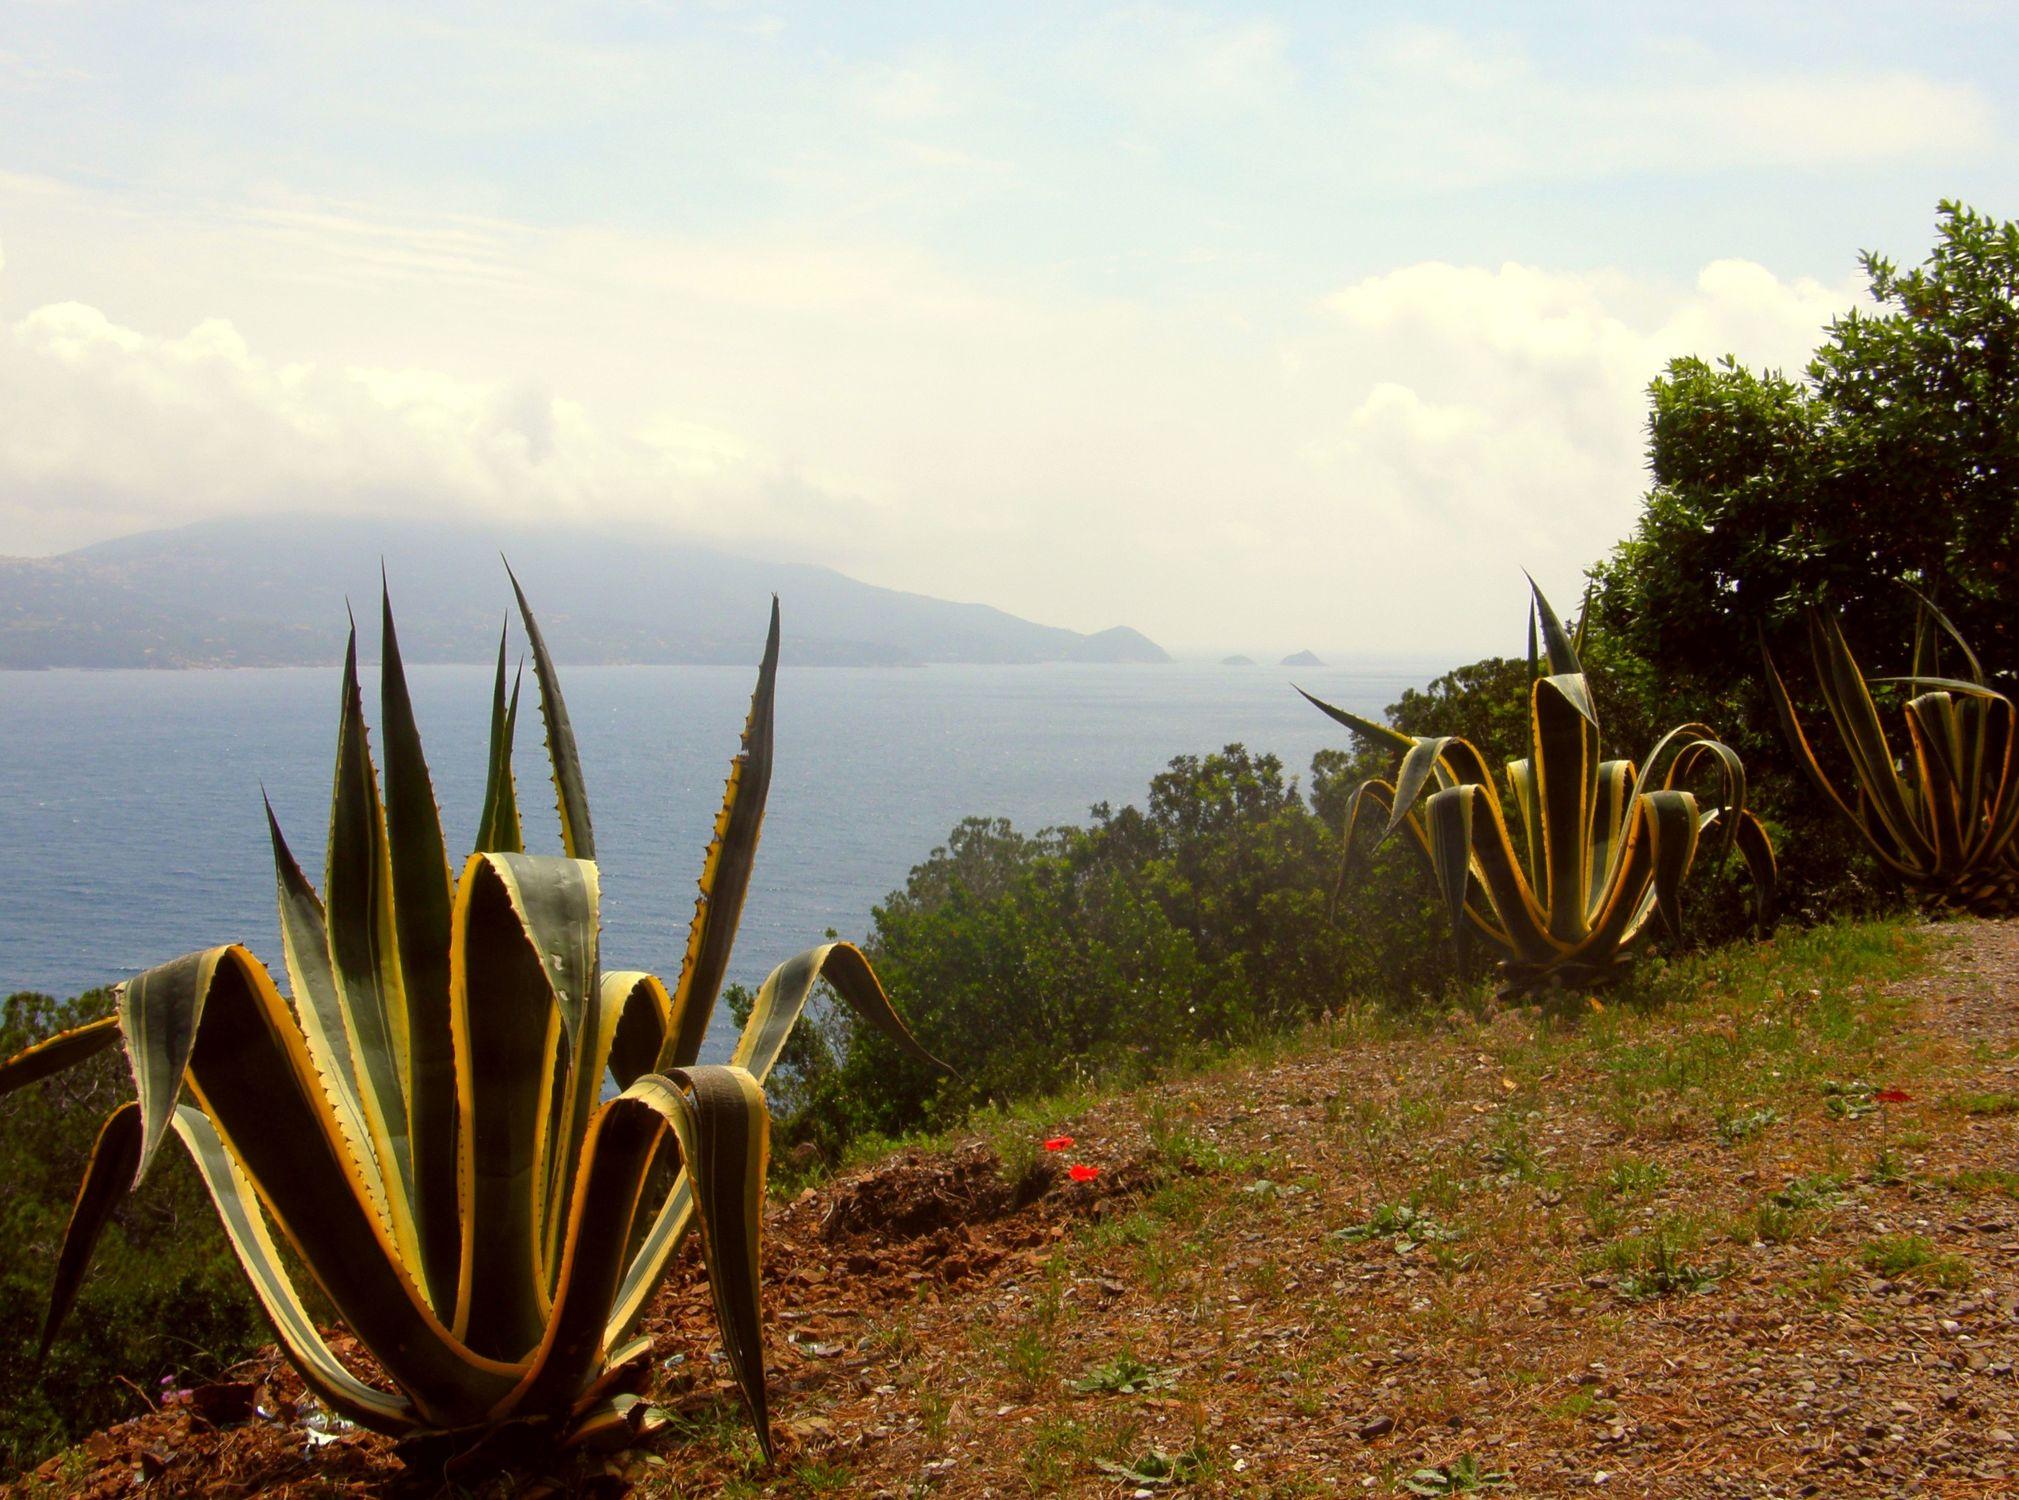 Bild mit Pflanzen, Berge, Sandstrand, Meer, Wiese, Wiesen, Sehnsucht, Pinienbäume